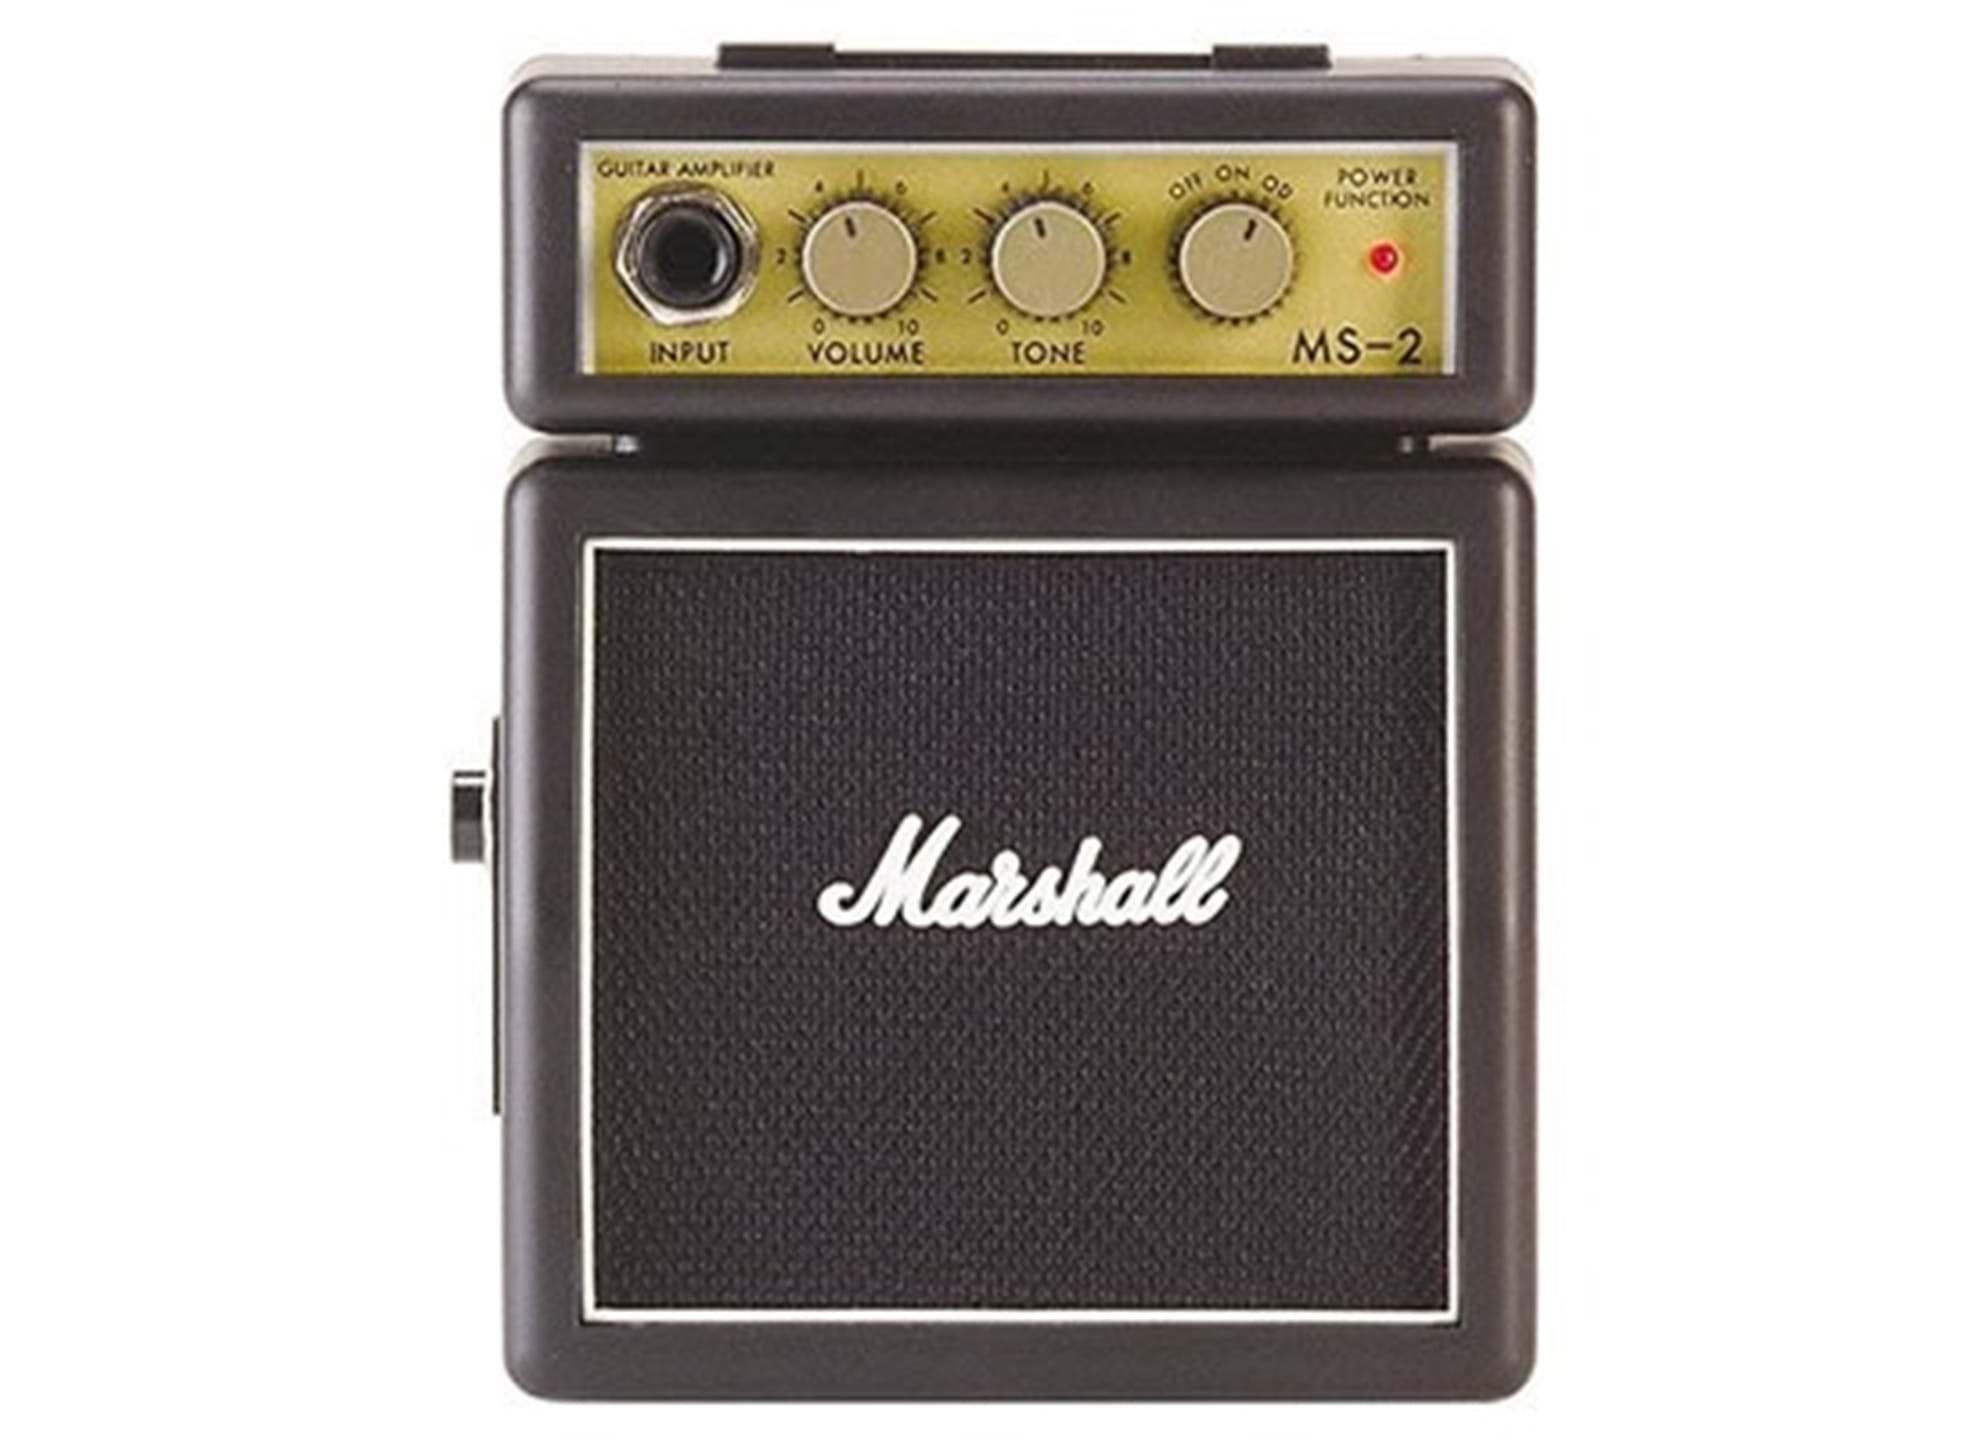 MS-2 Micro Amp